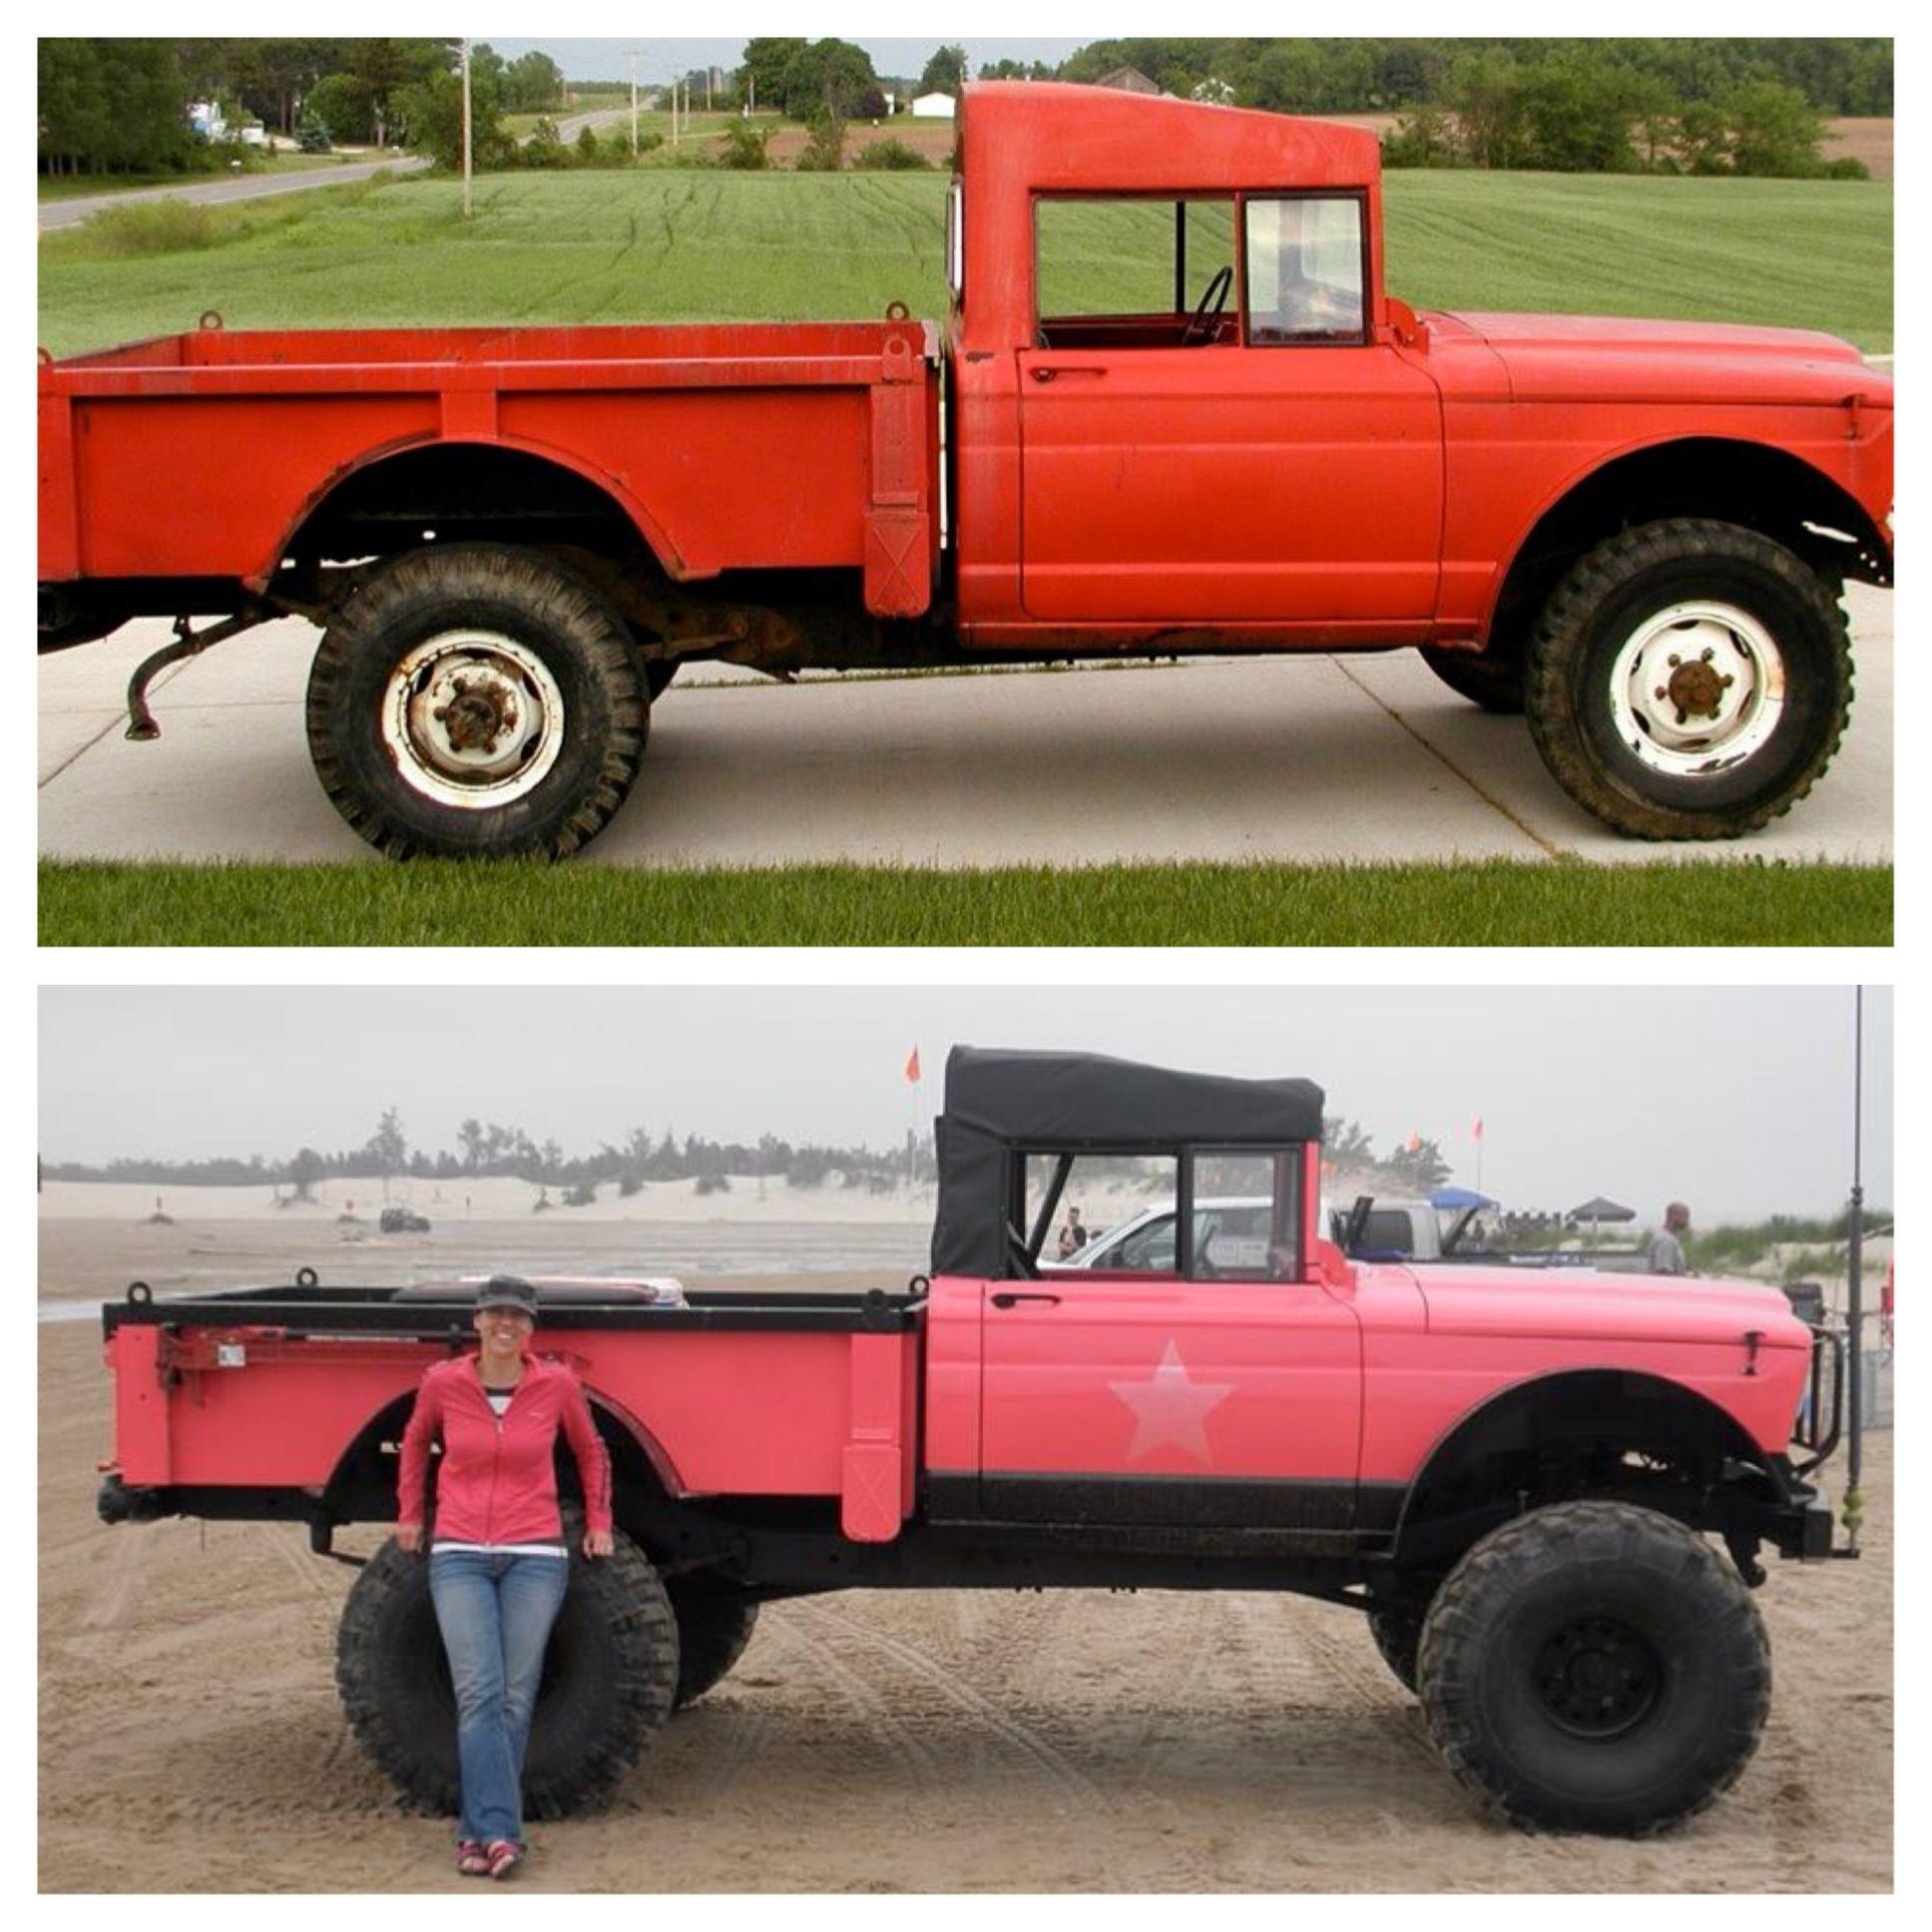 Going Pink A Kaiser Jeep M715 Homegrown Garage Build Cool Wiring